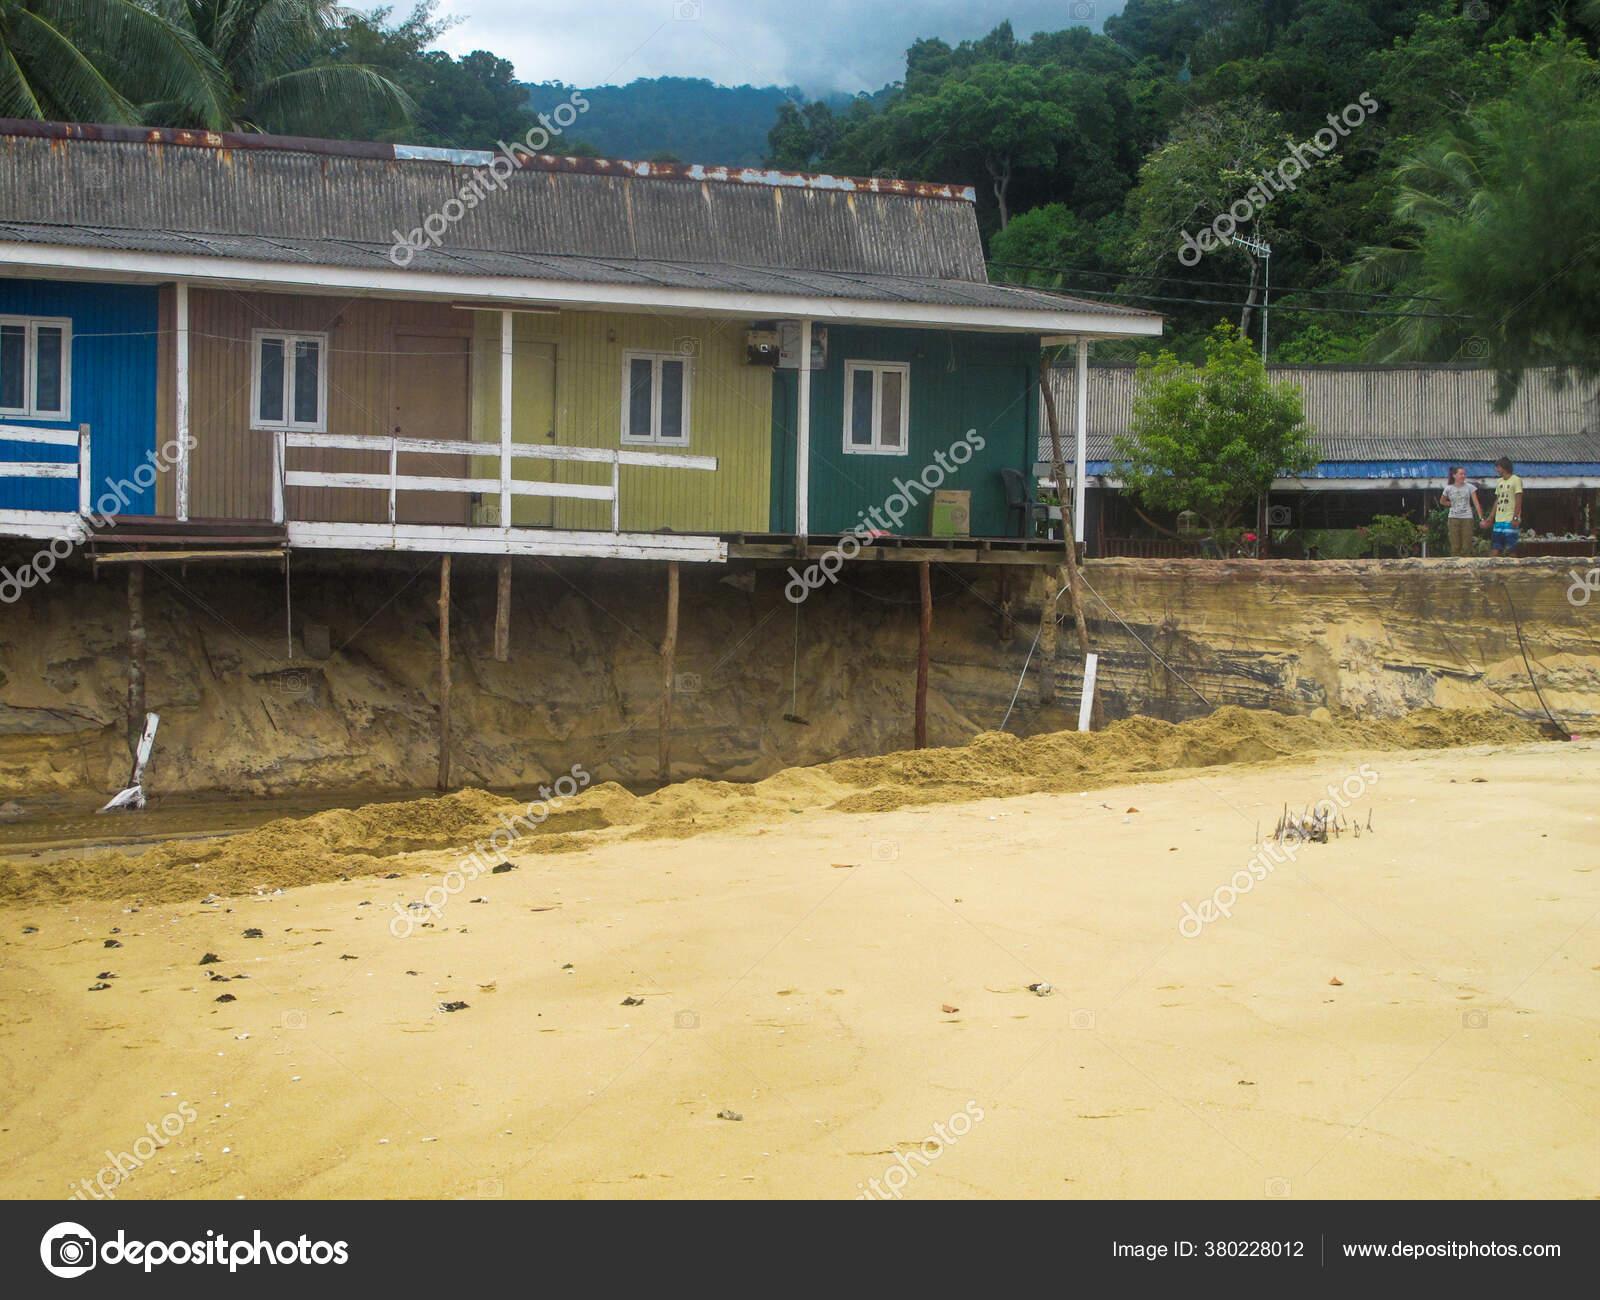 Pantai Berpasir Yang Terkikis Karena Aksi Gelombang Selama Musim Hujan —  Stok Foto © hamizanyusof89 #380228012